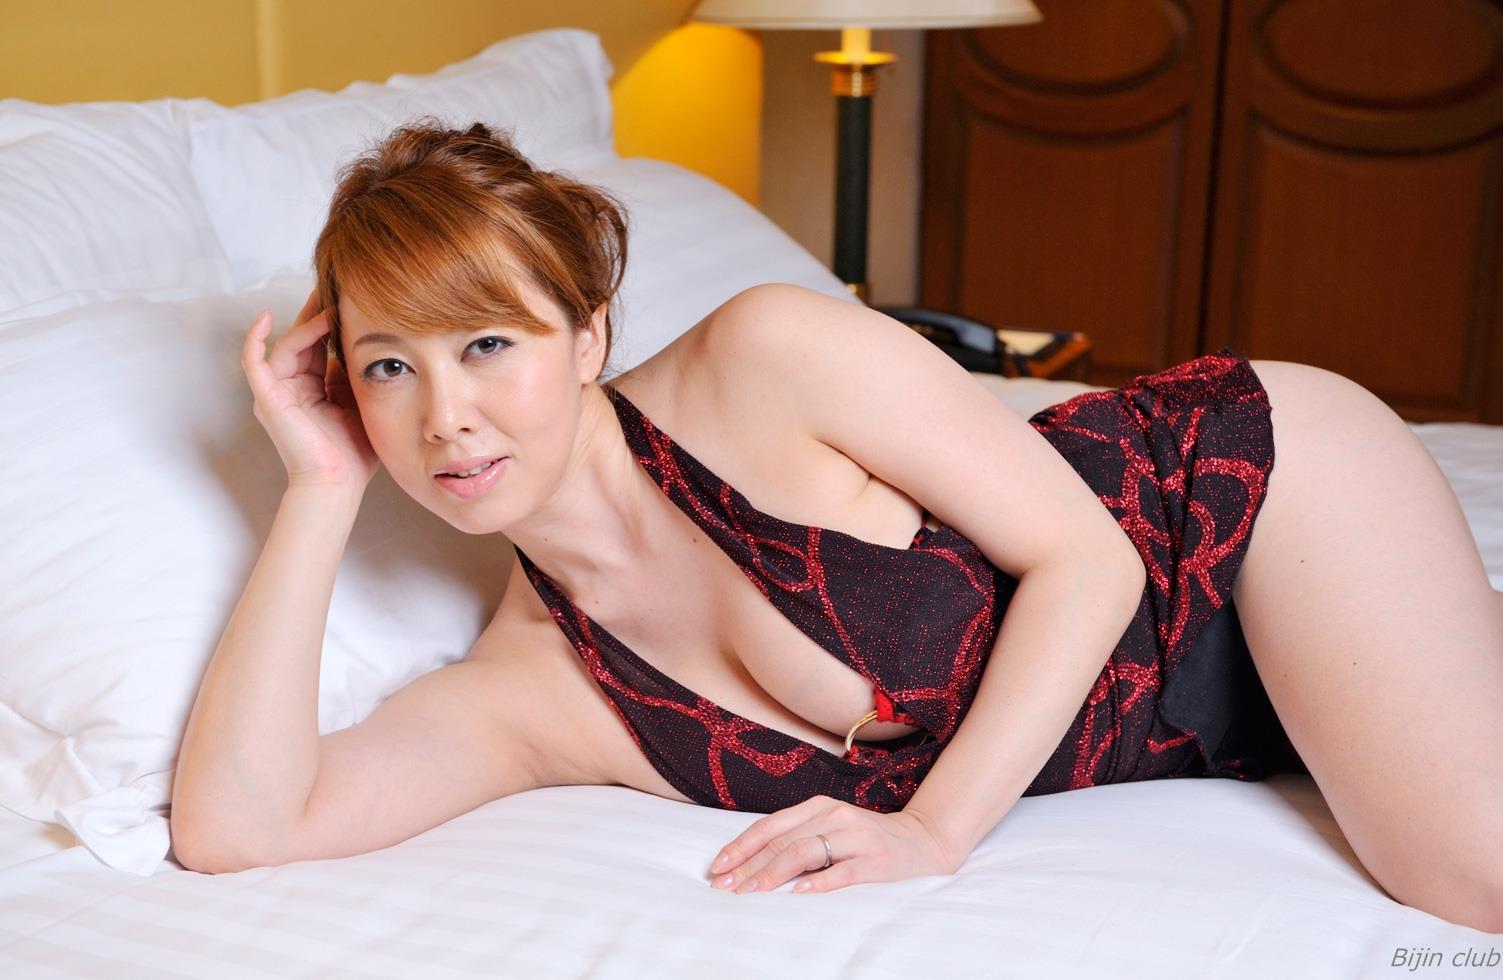 風間ゆみ Gカップ 美熟女性欲絶倫本気セックスなAV女優画像 140枚 No.46